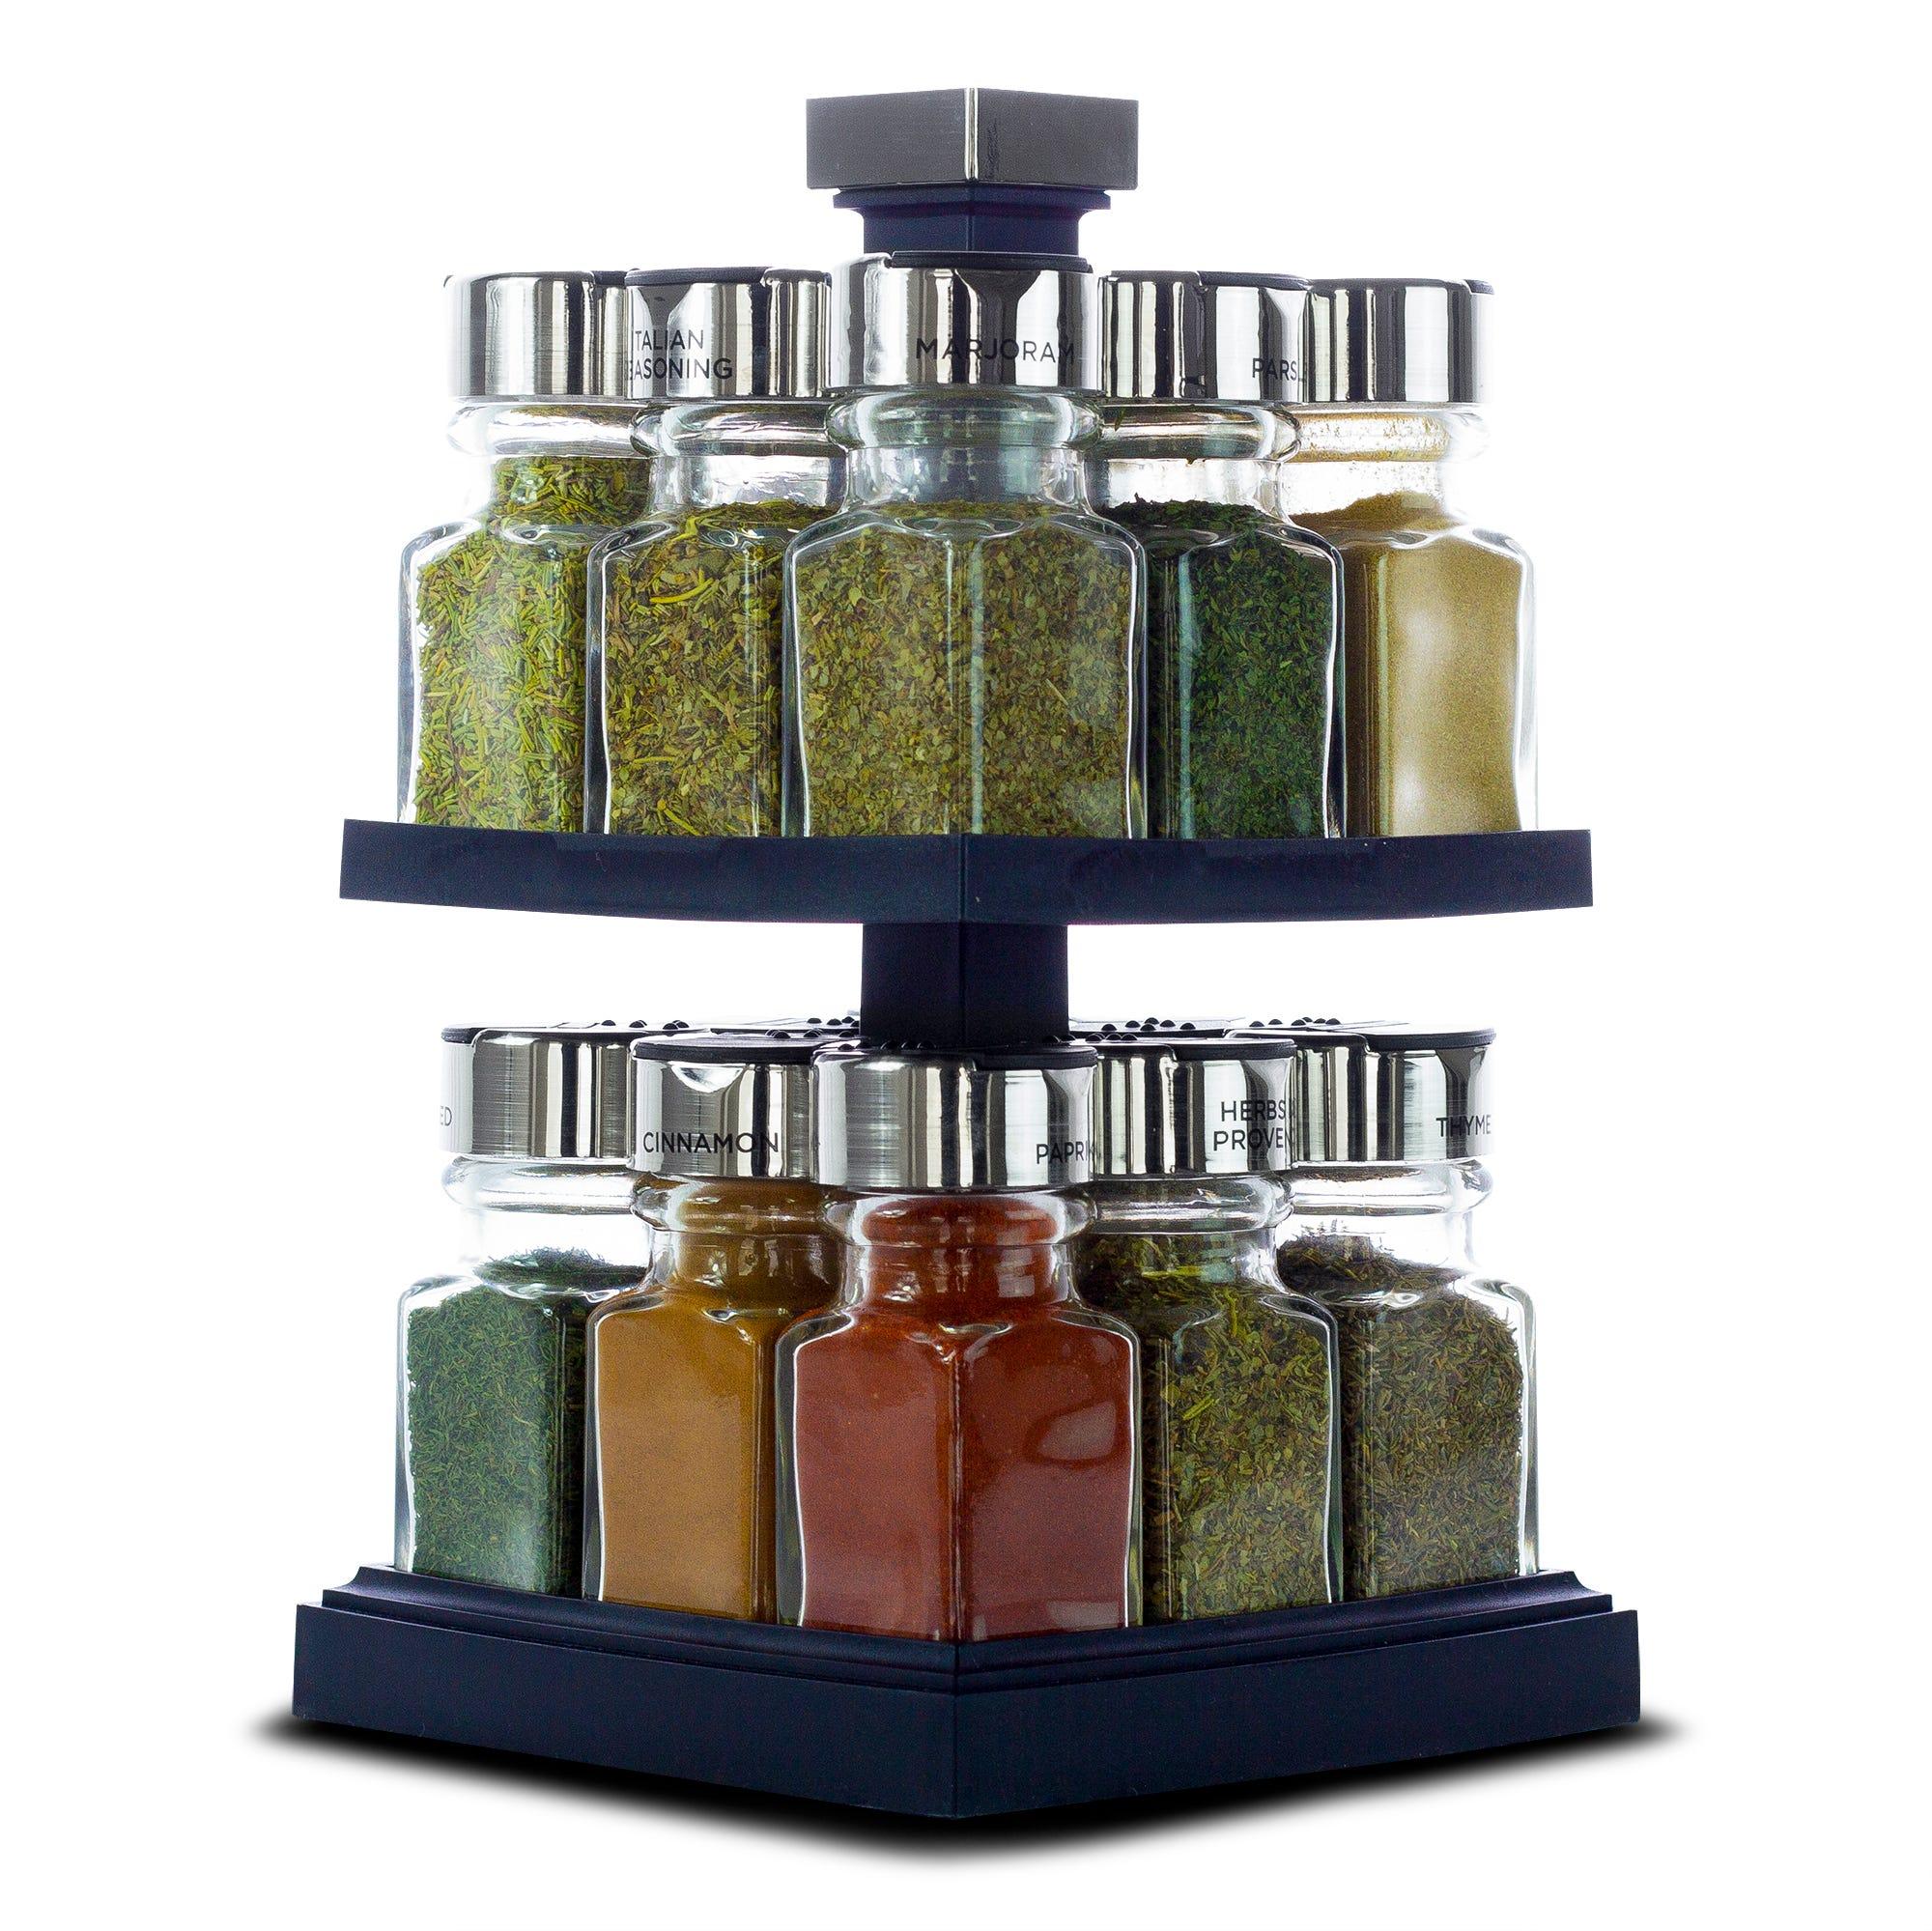 Especiero de vidrio Olde Thompson® giratorio de 2 niveles con 16 especias